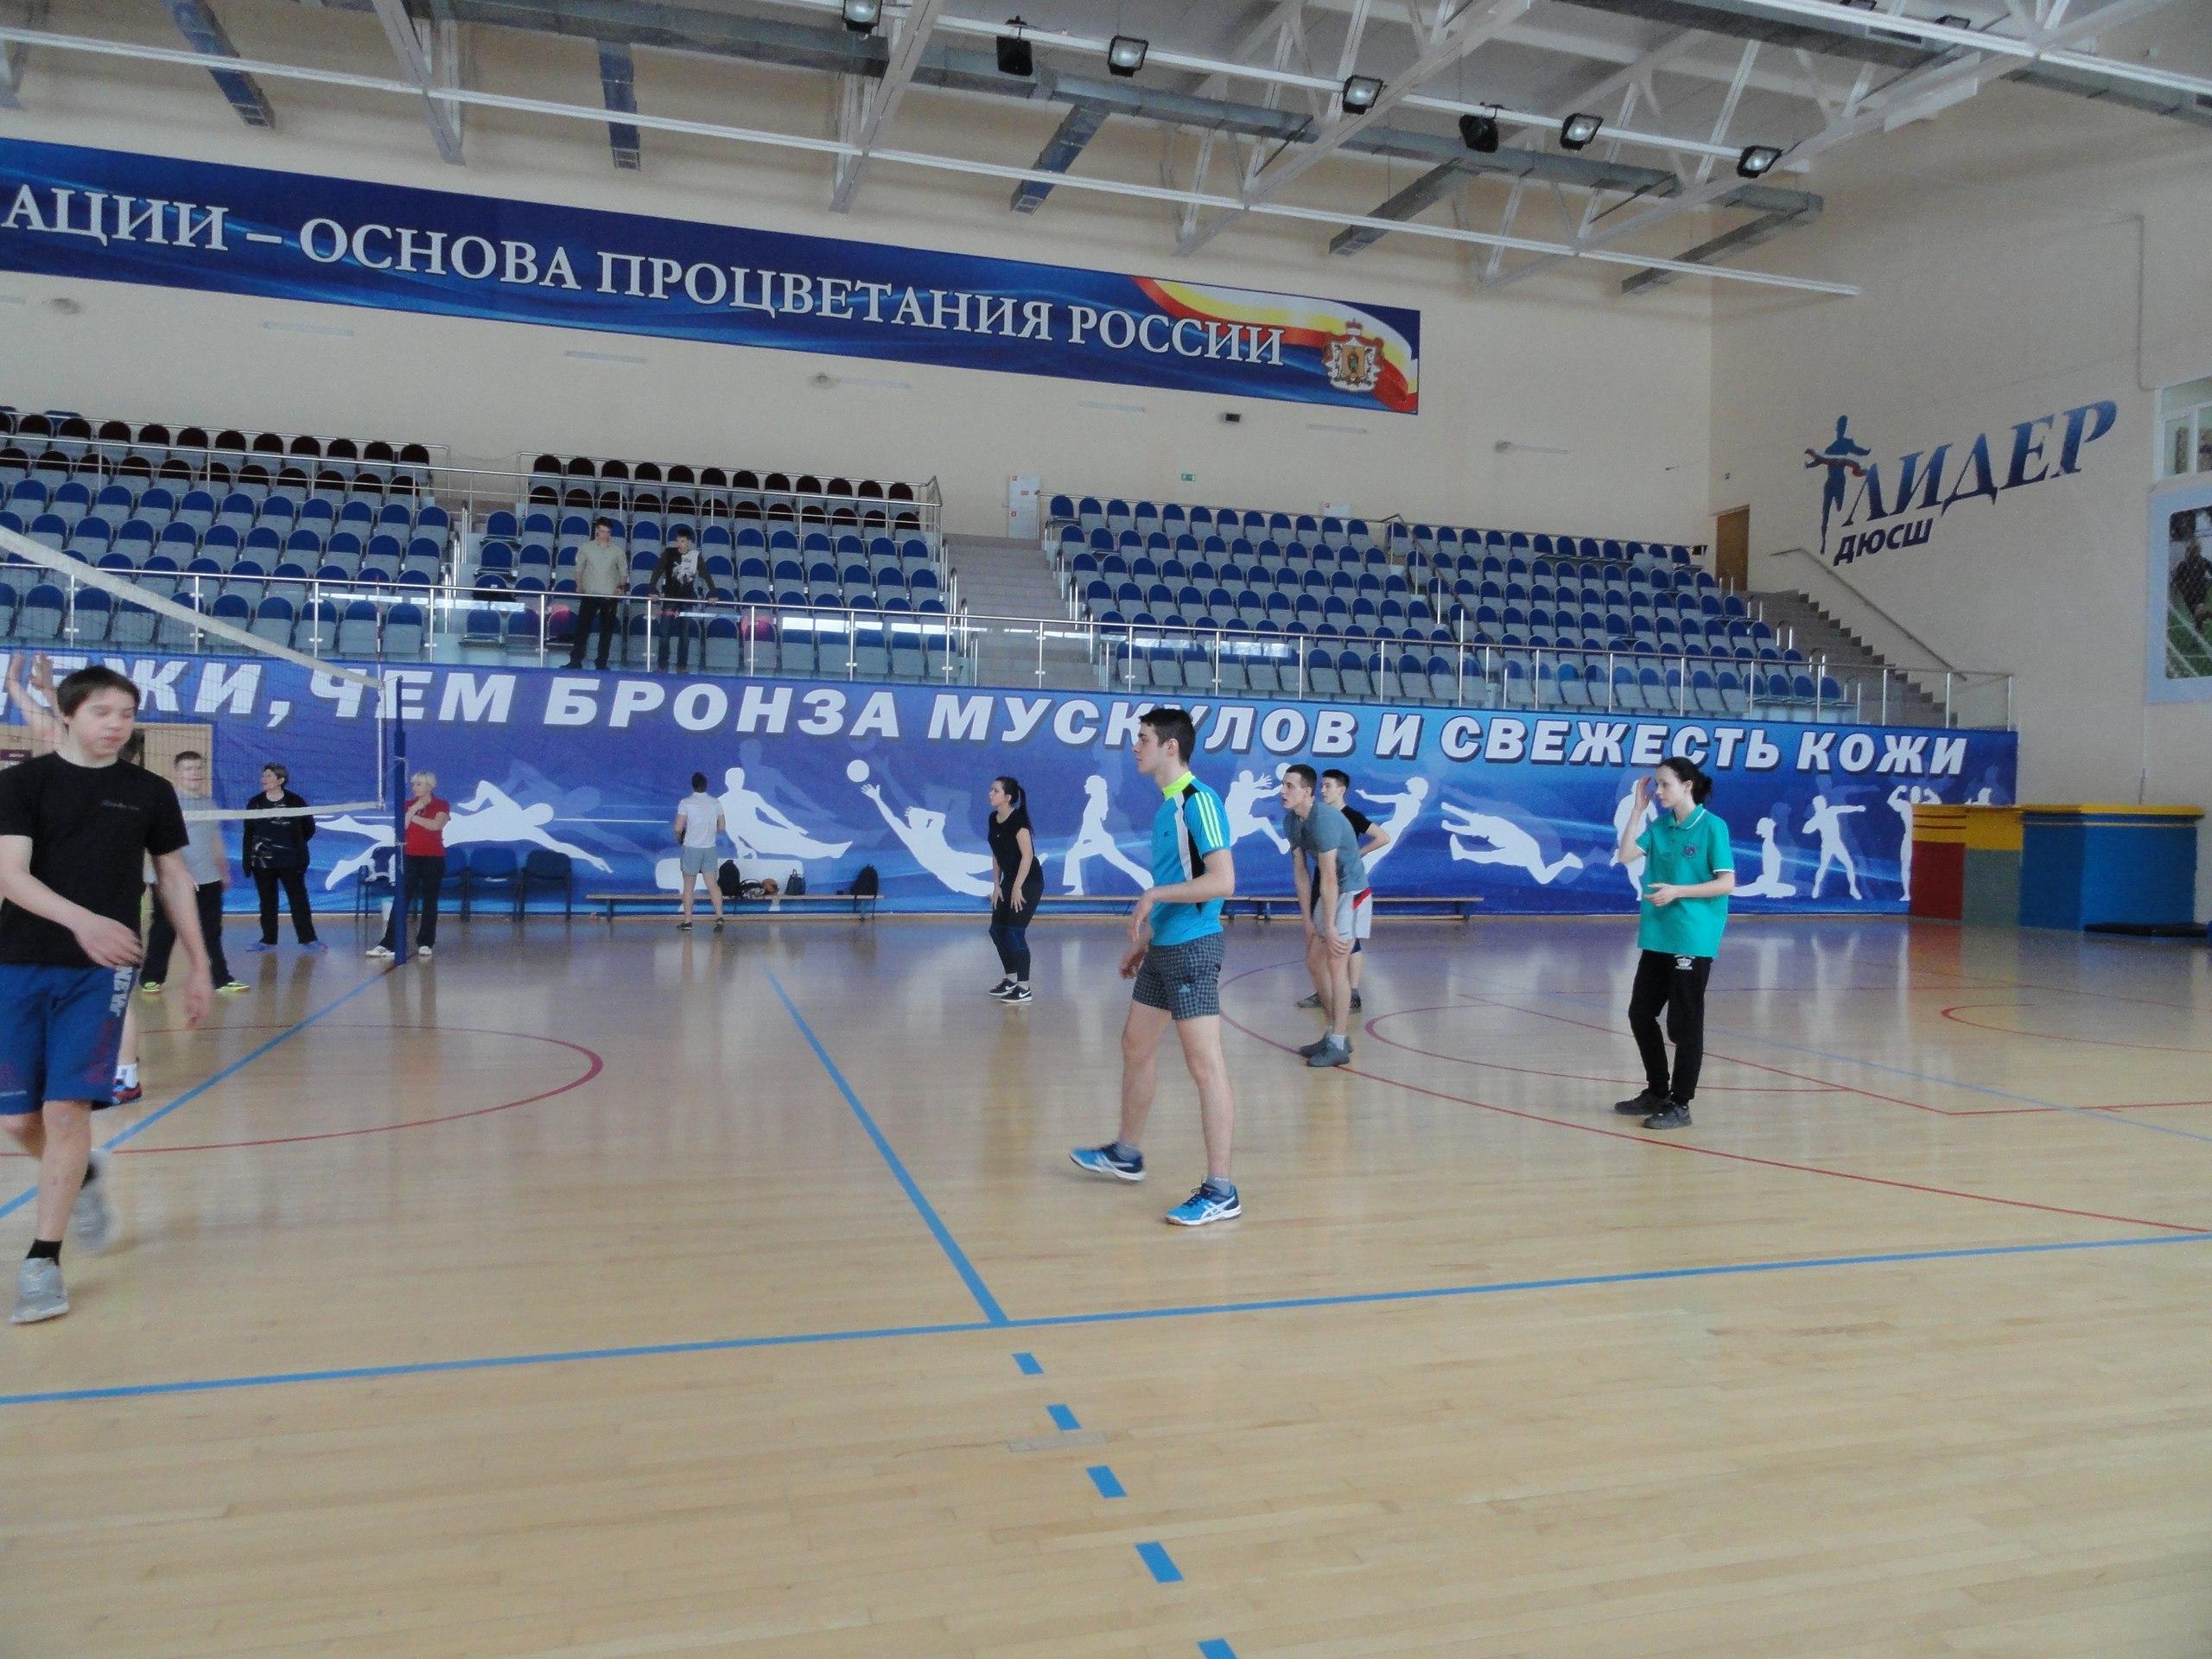 Товарищеская встреча по волейболу с командой РМСК